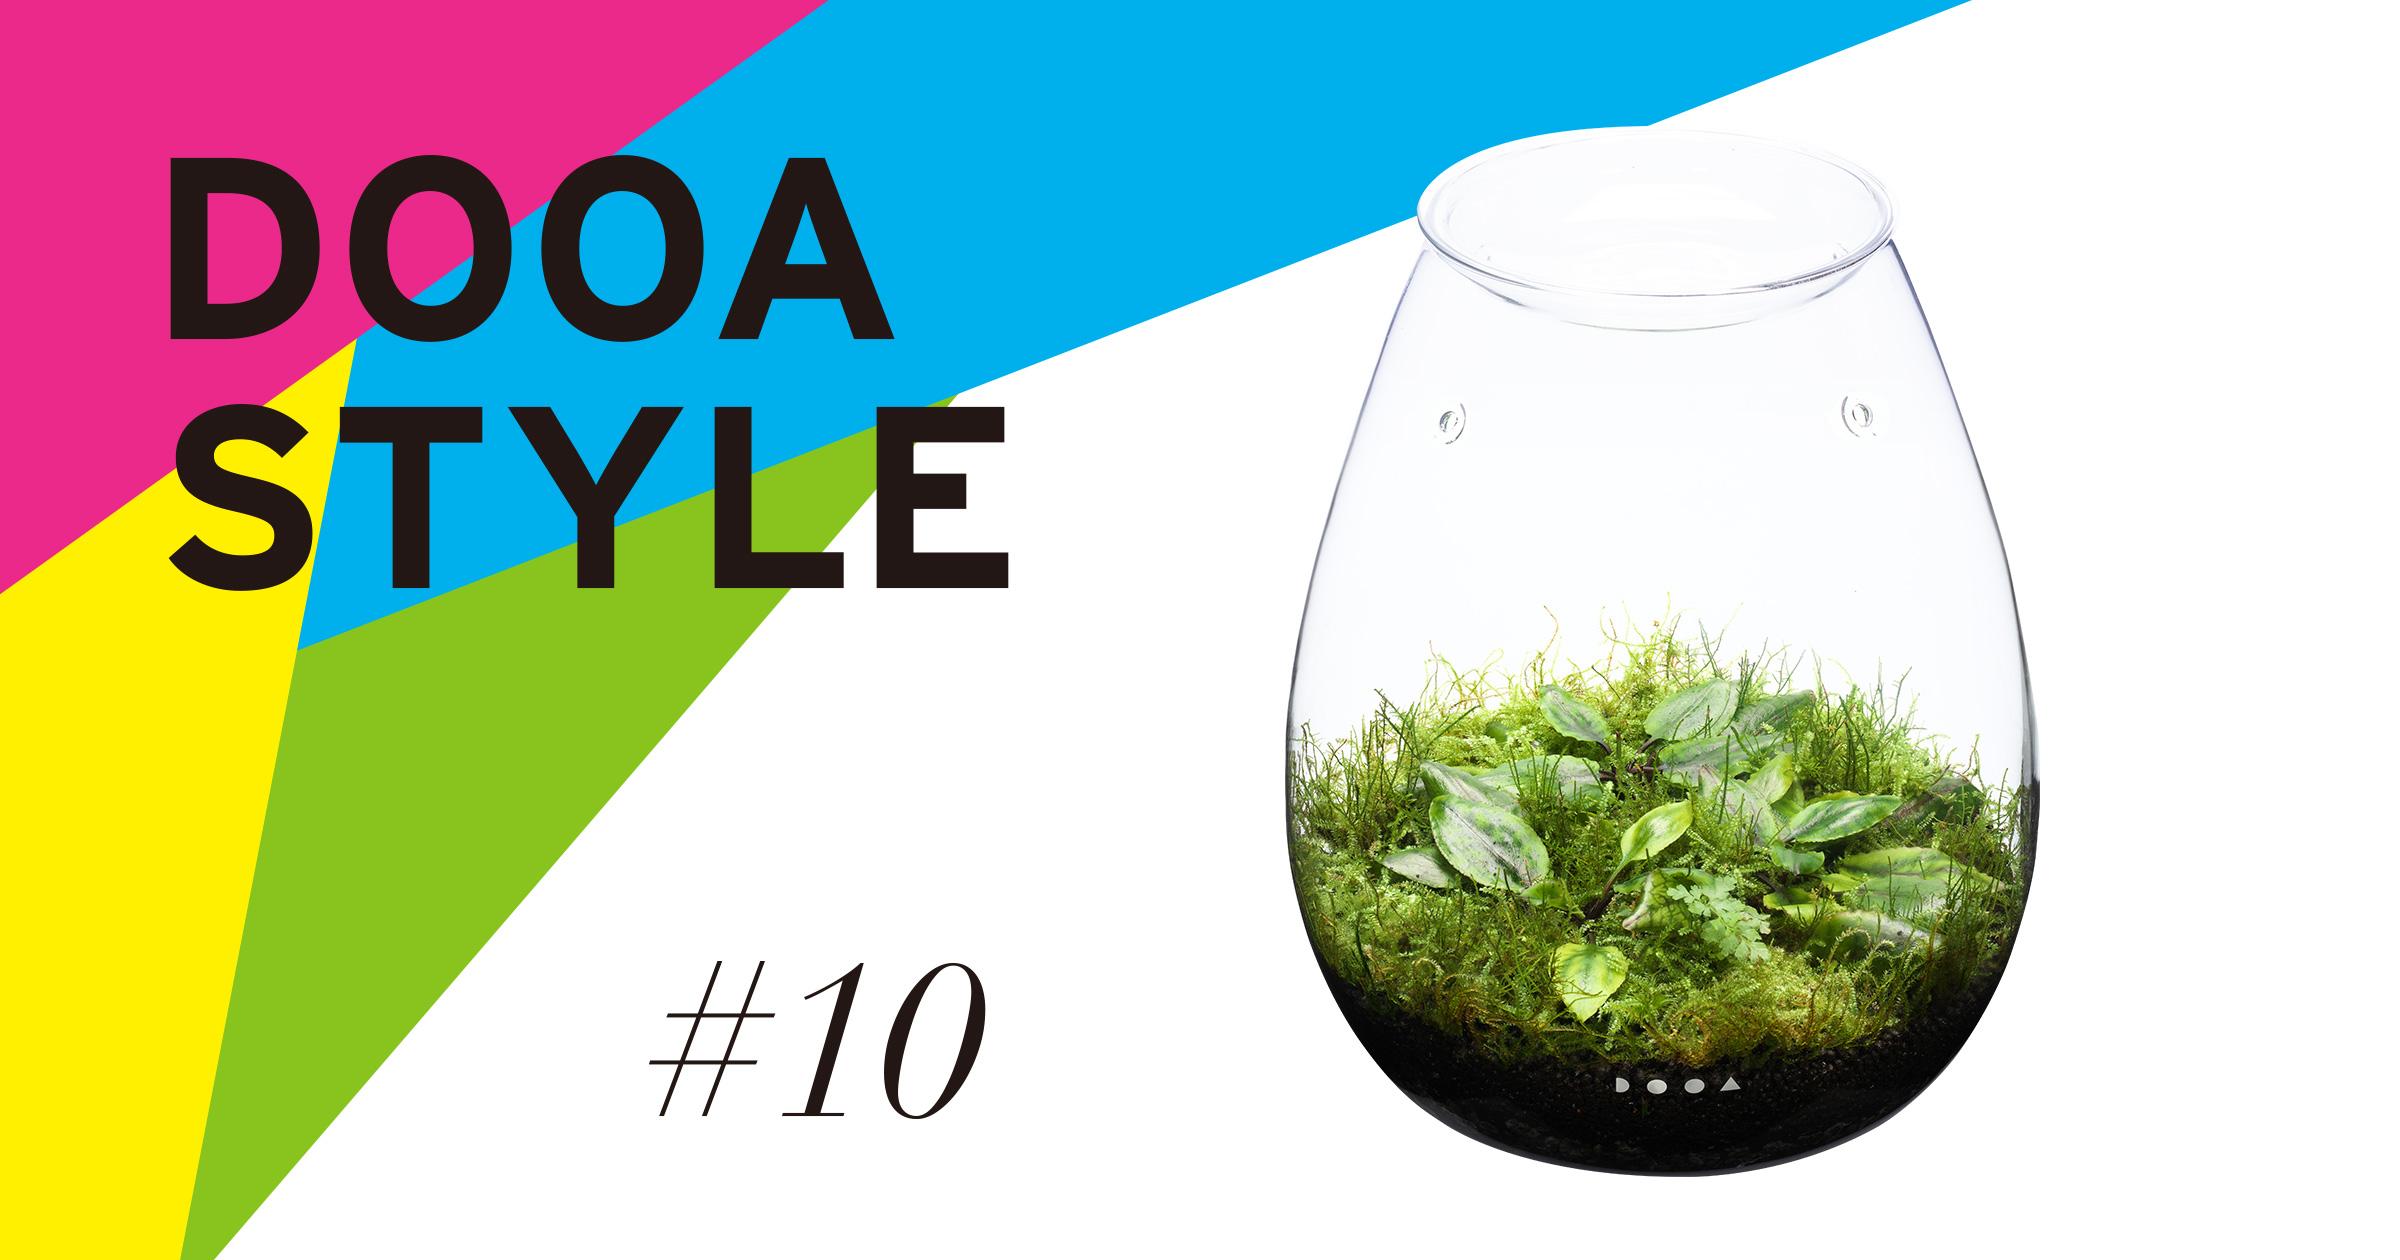 DOOA STYLE #10 仏炎苞のようなガラス器で小型のクリプトコリネを愛でる。